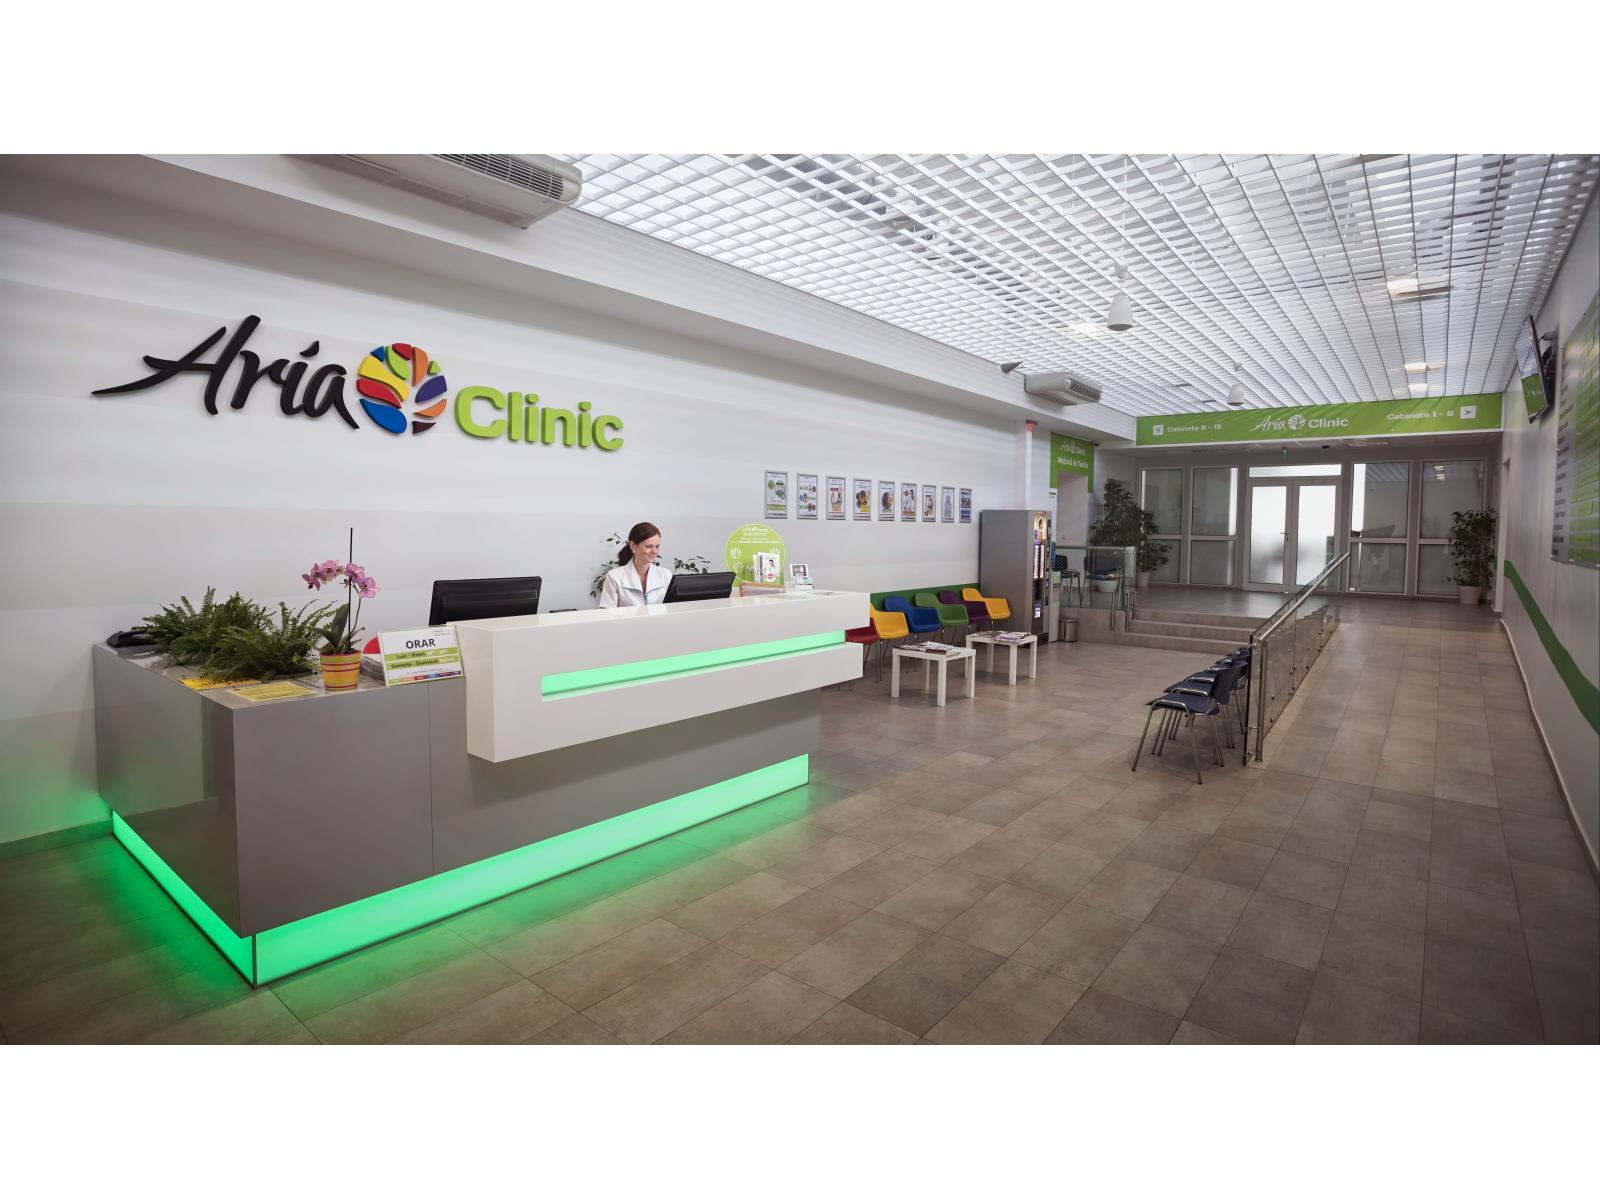 Aria Clinic - _MG_3649-Edit.jpg